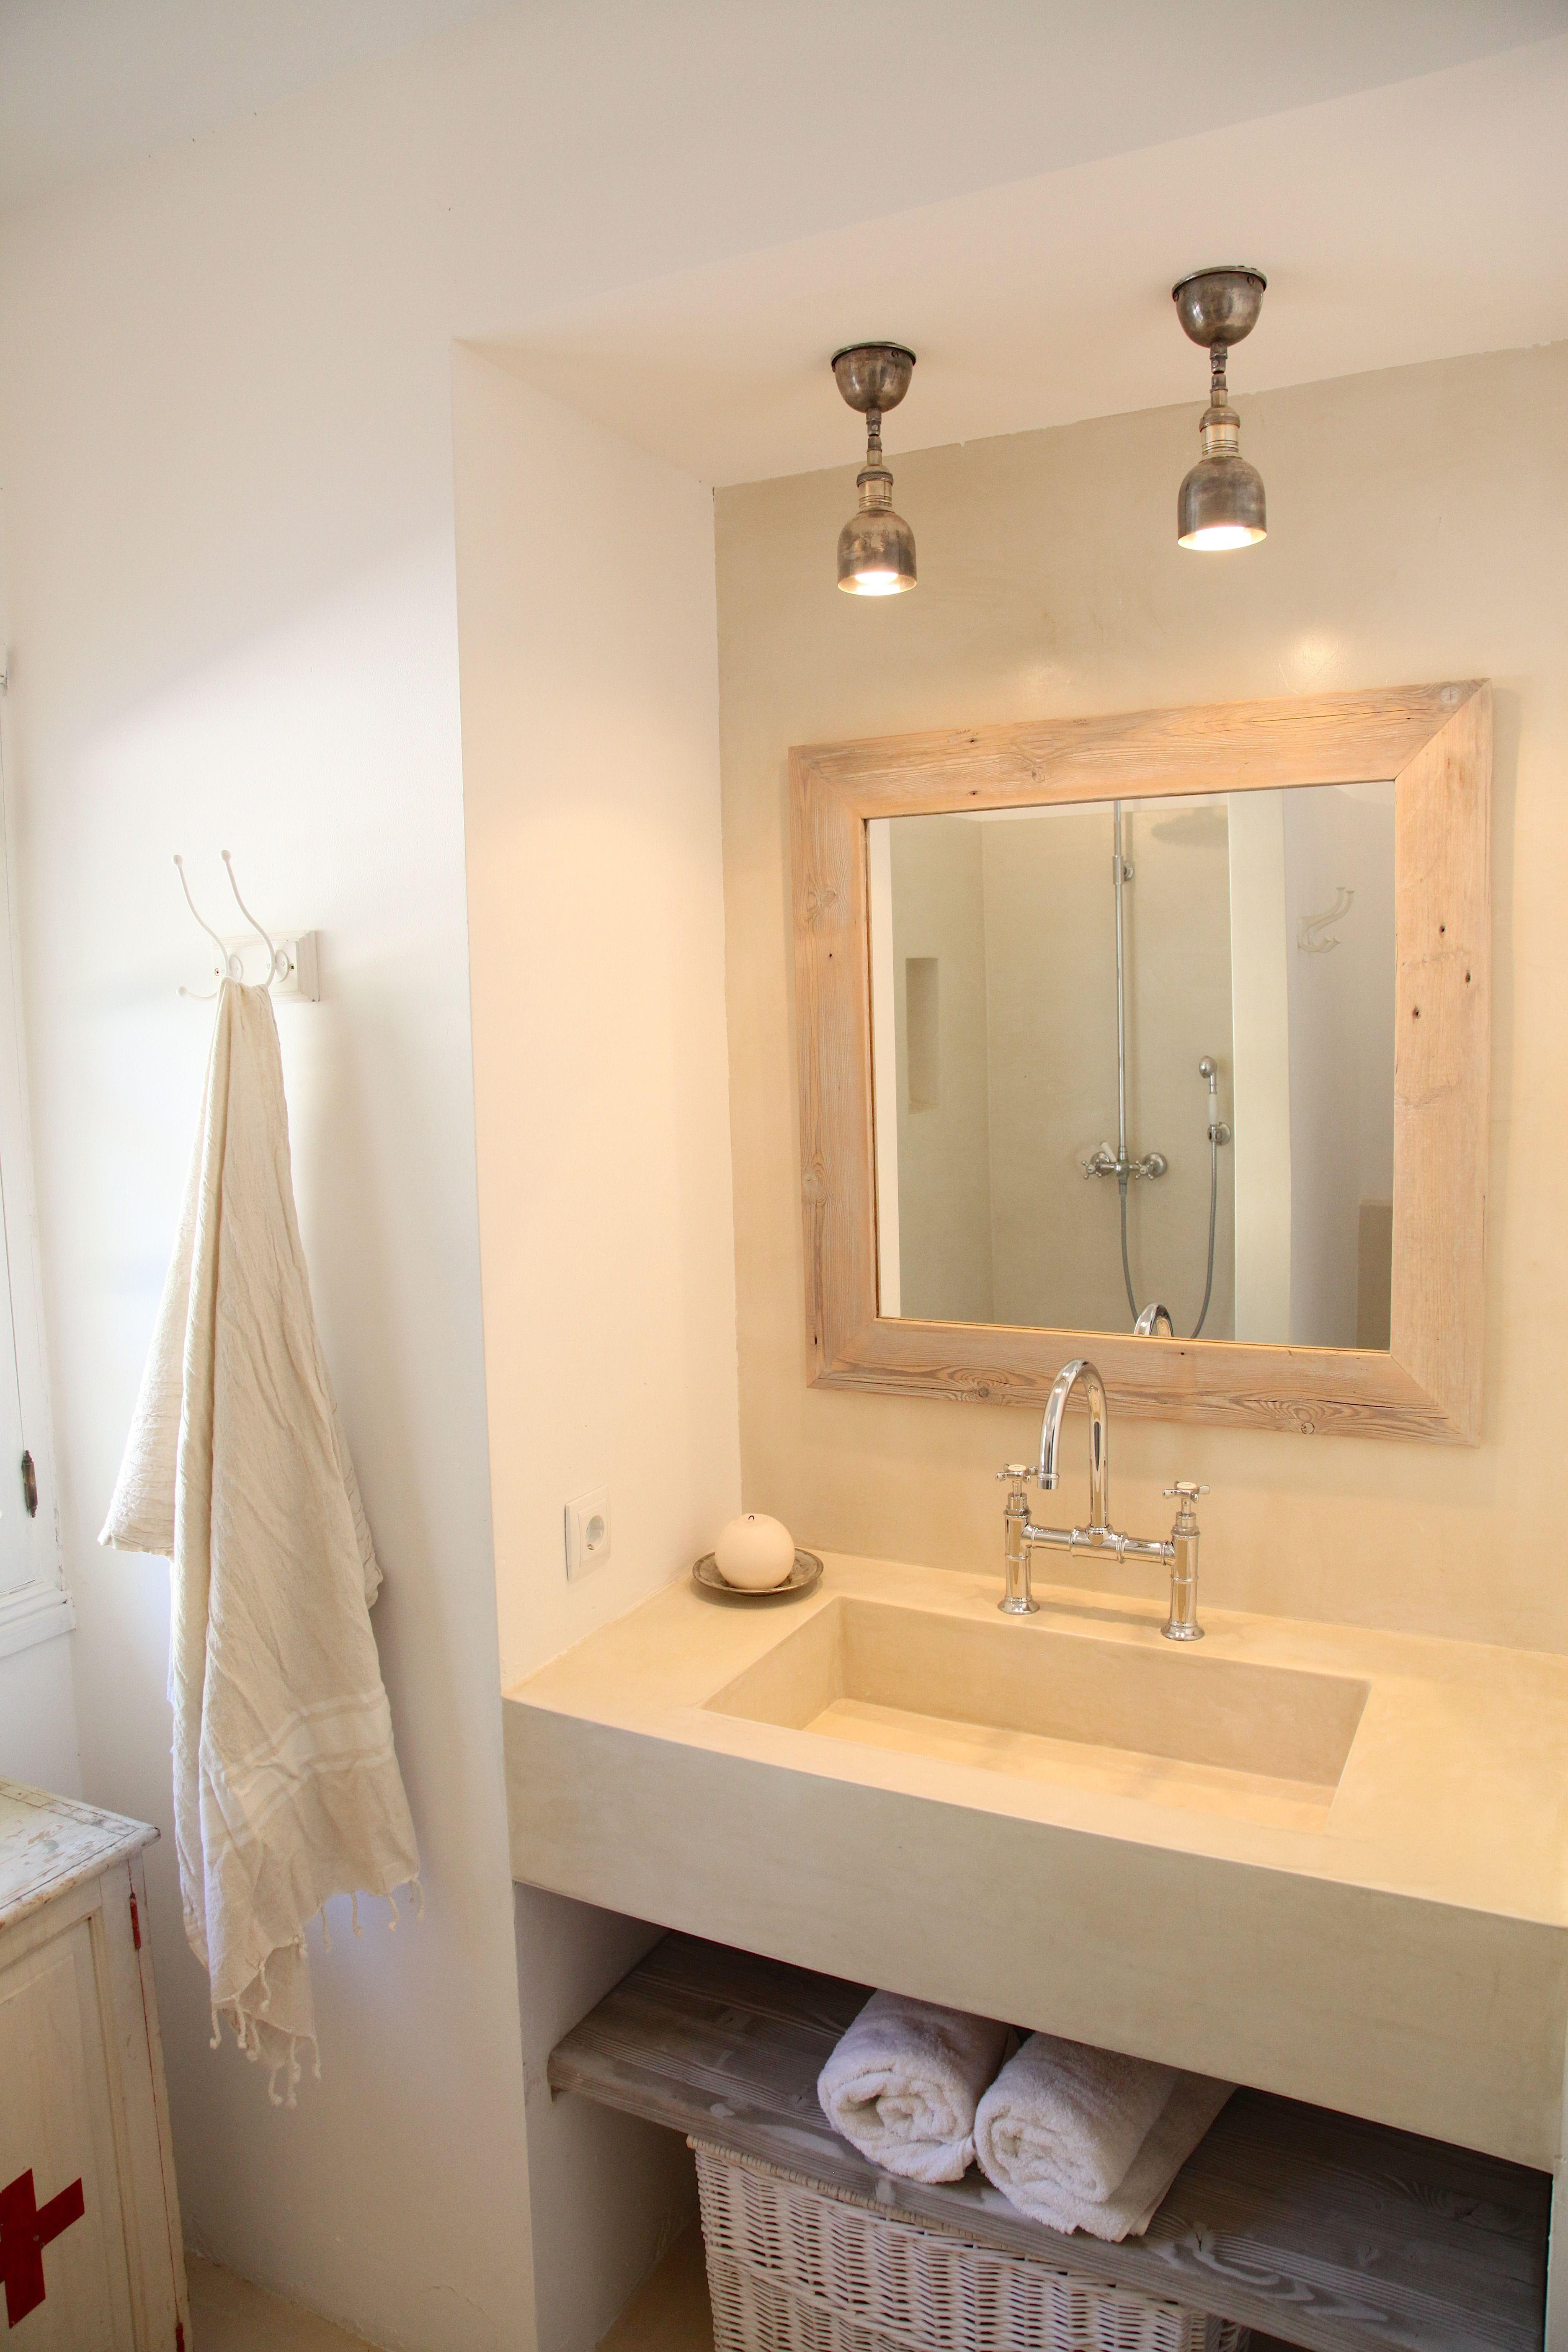 stilvoll eingerichtetes badezimmer barefoot living by til schweiger bad spiegel. Black Bedroom Furniture Sets. Home Design Ideas